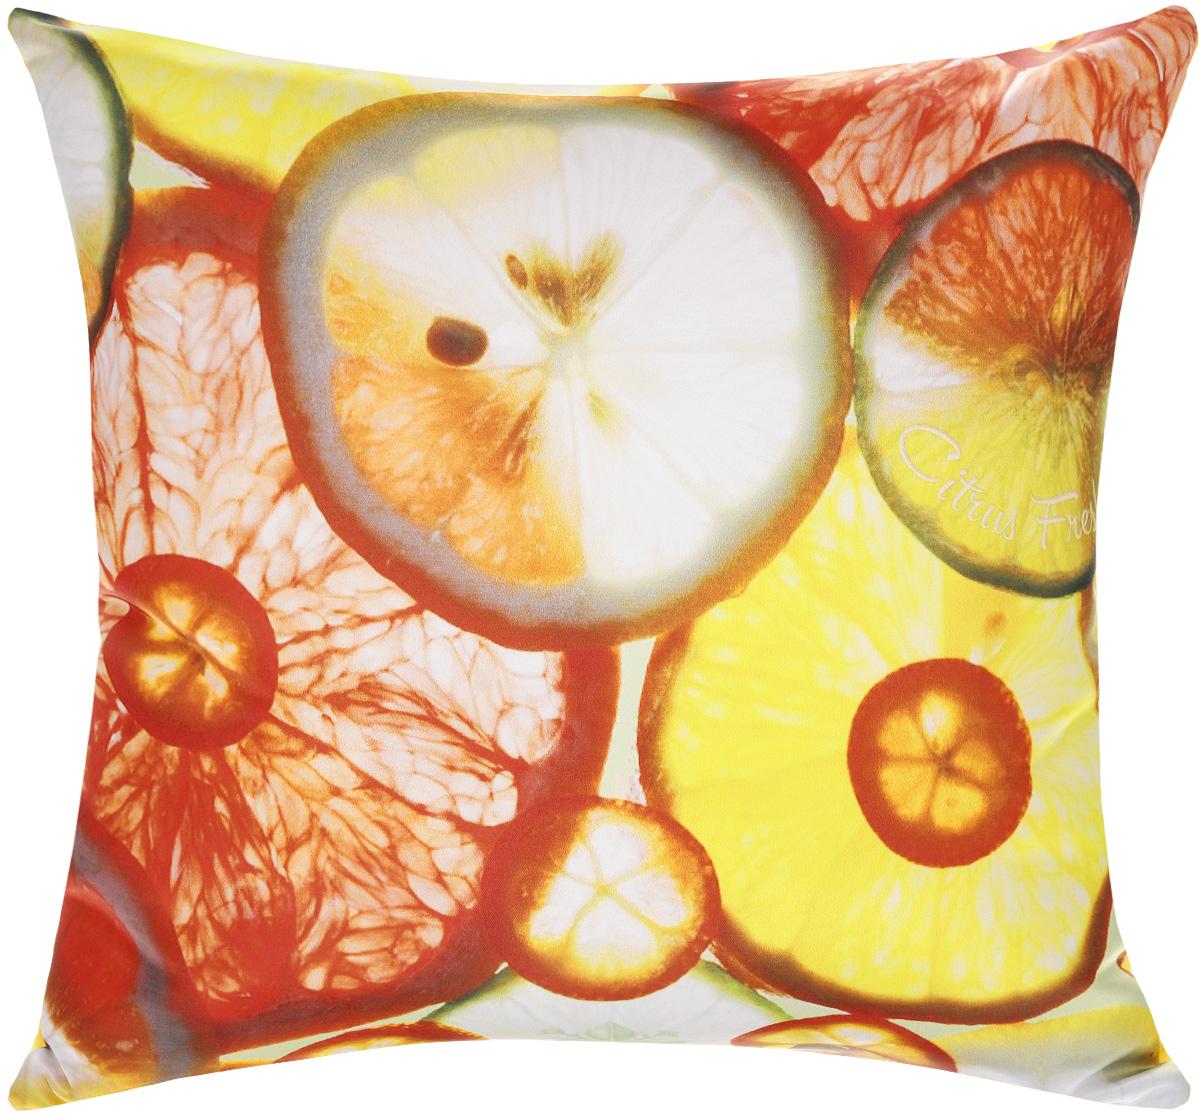 Подушка декоративная GiftnHome Цитрусовая свежесть, 35 х 35 cмPLW-35 Citrus FreshДекоративная подушка GiftnHome Цитрусовая свежесть - это яркое украшение вашего дома. Чехол выполнен из гладкого и приятного на ощупь атласа (искусственного шелка). Лицевая сторона украшена красочным изображением. Чехол застегивается на молнию. Внутренний наполнитель подушки - холлофайбер. Красивая подушка создаст в доме уют и станет прекрасным элементом декора.